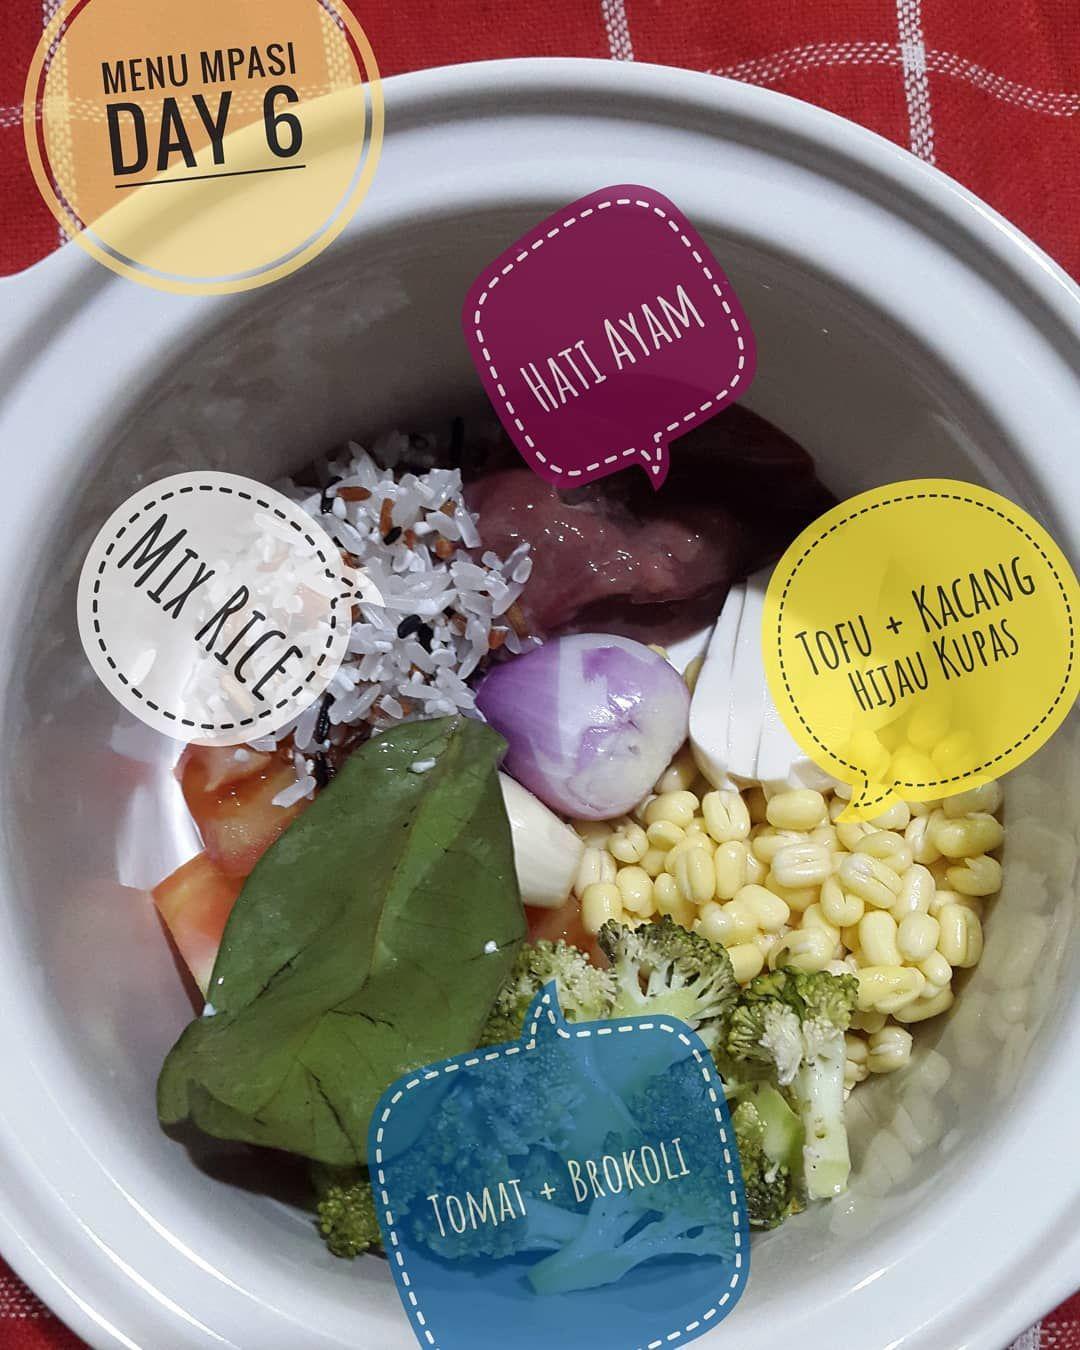 Menu Mpasi 4 Day 6 Makanan Balita Resep Makanan Bayi Makanan Bayi